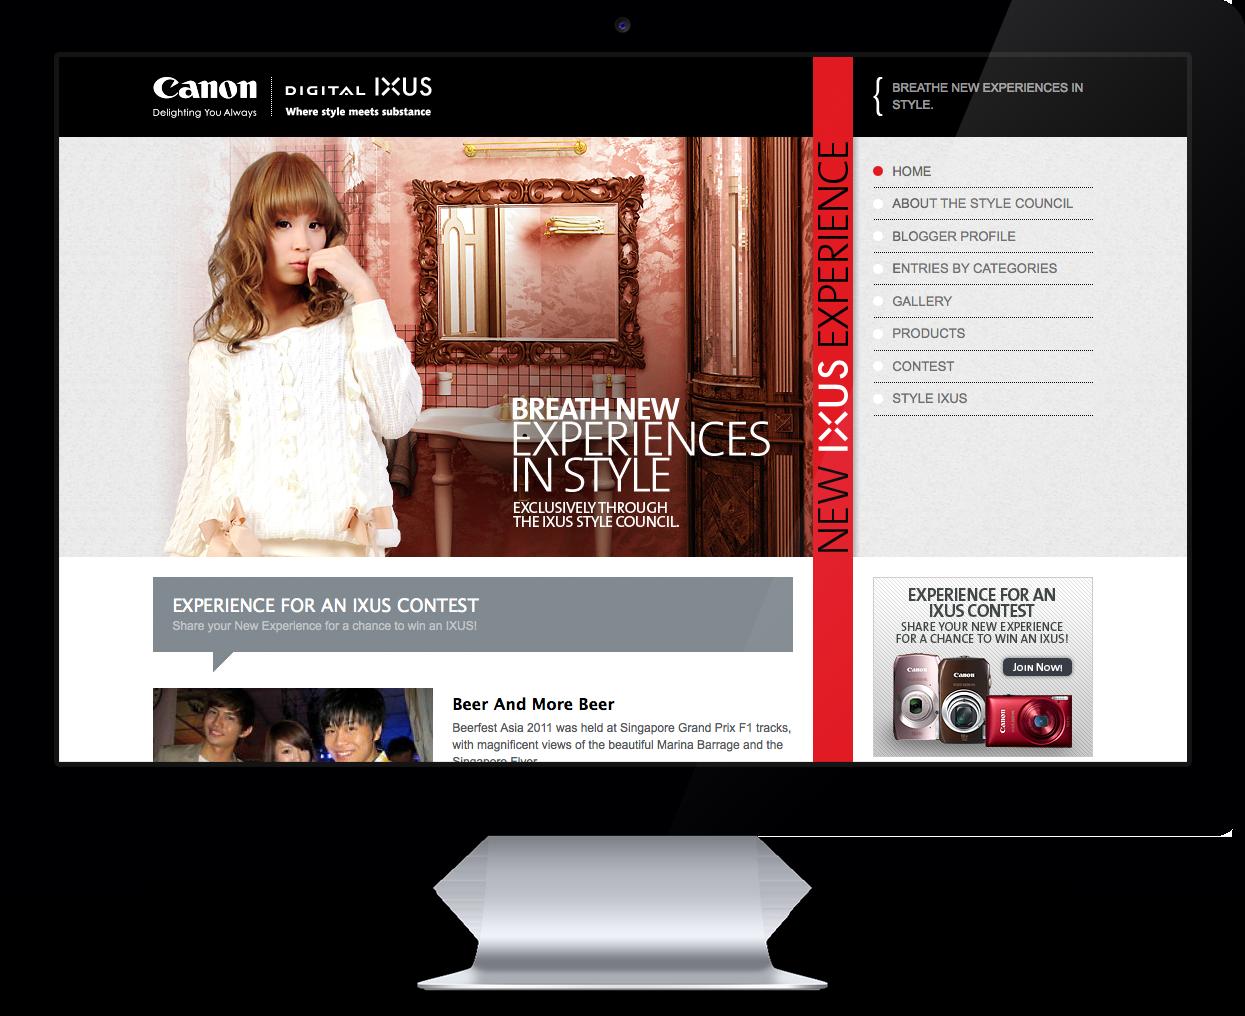 Canon New IXUS Experience